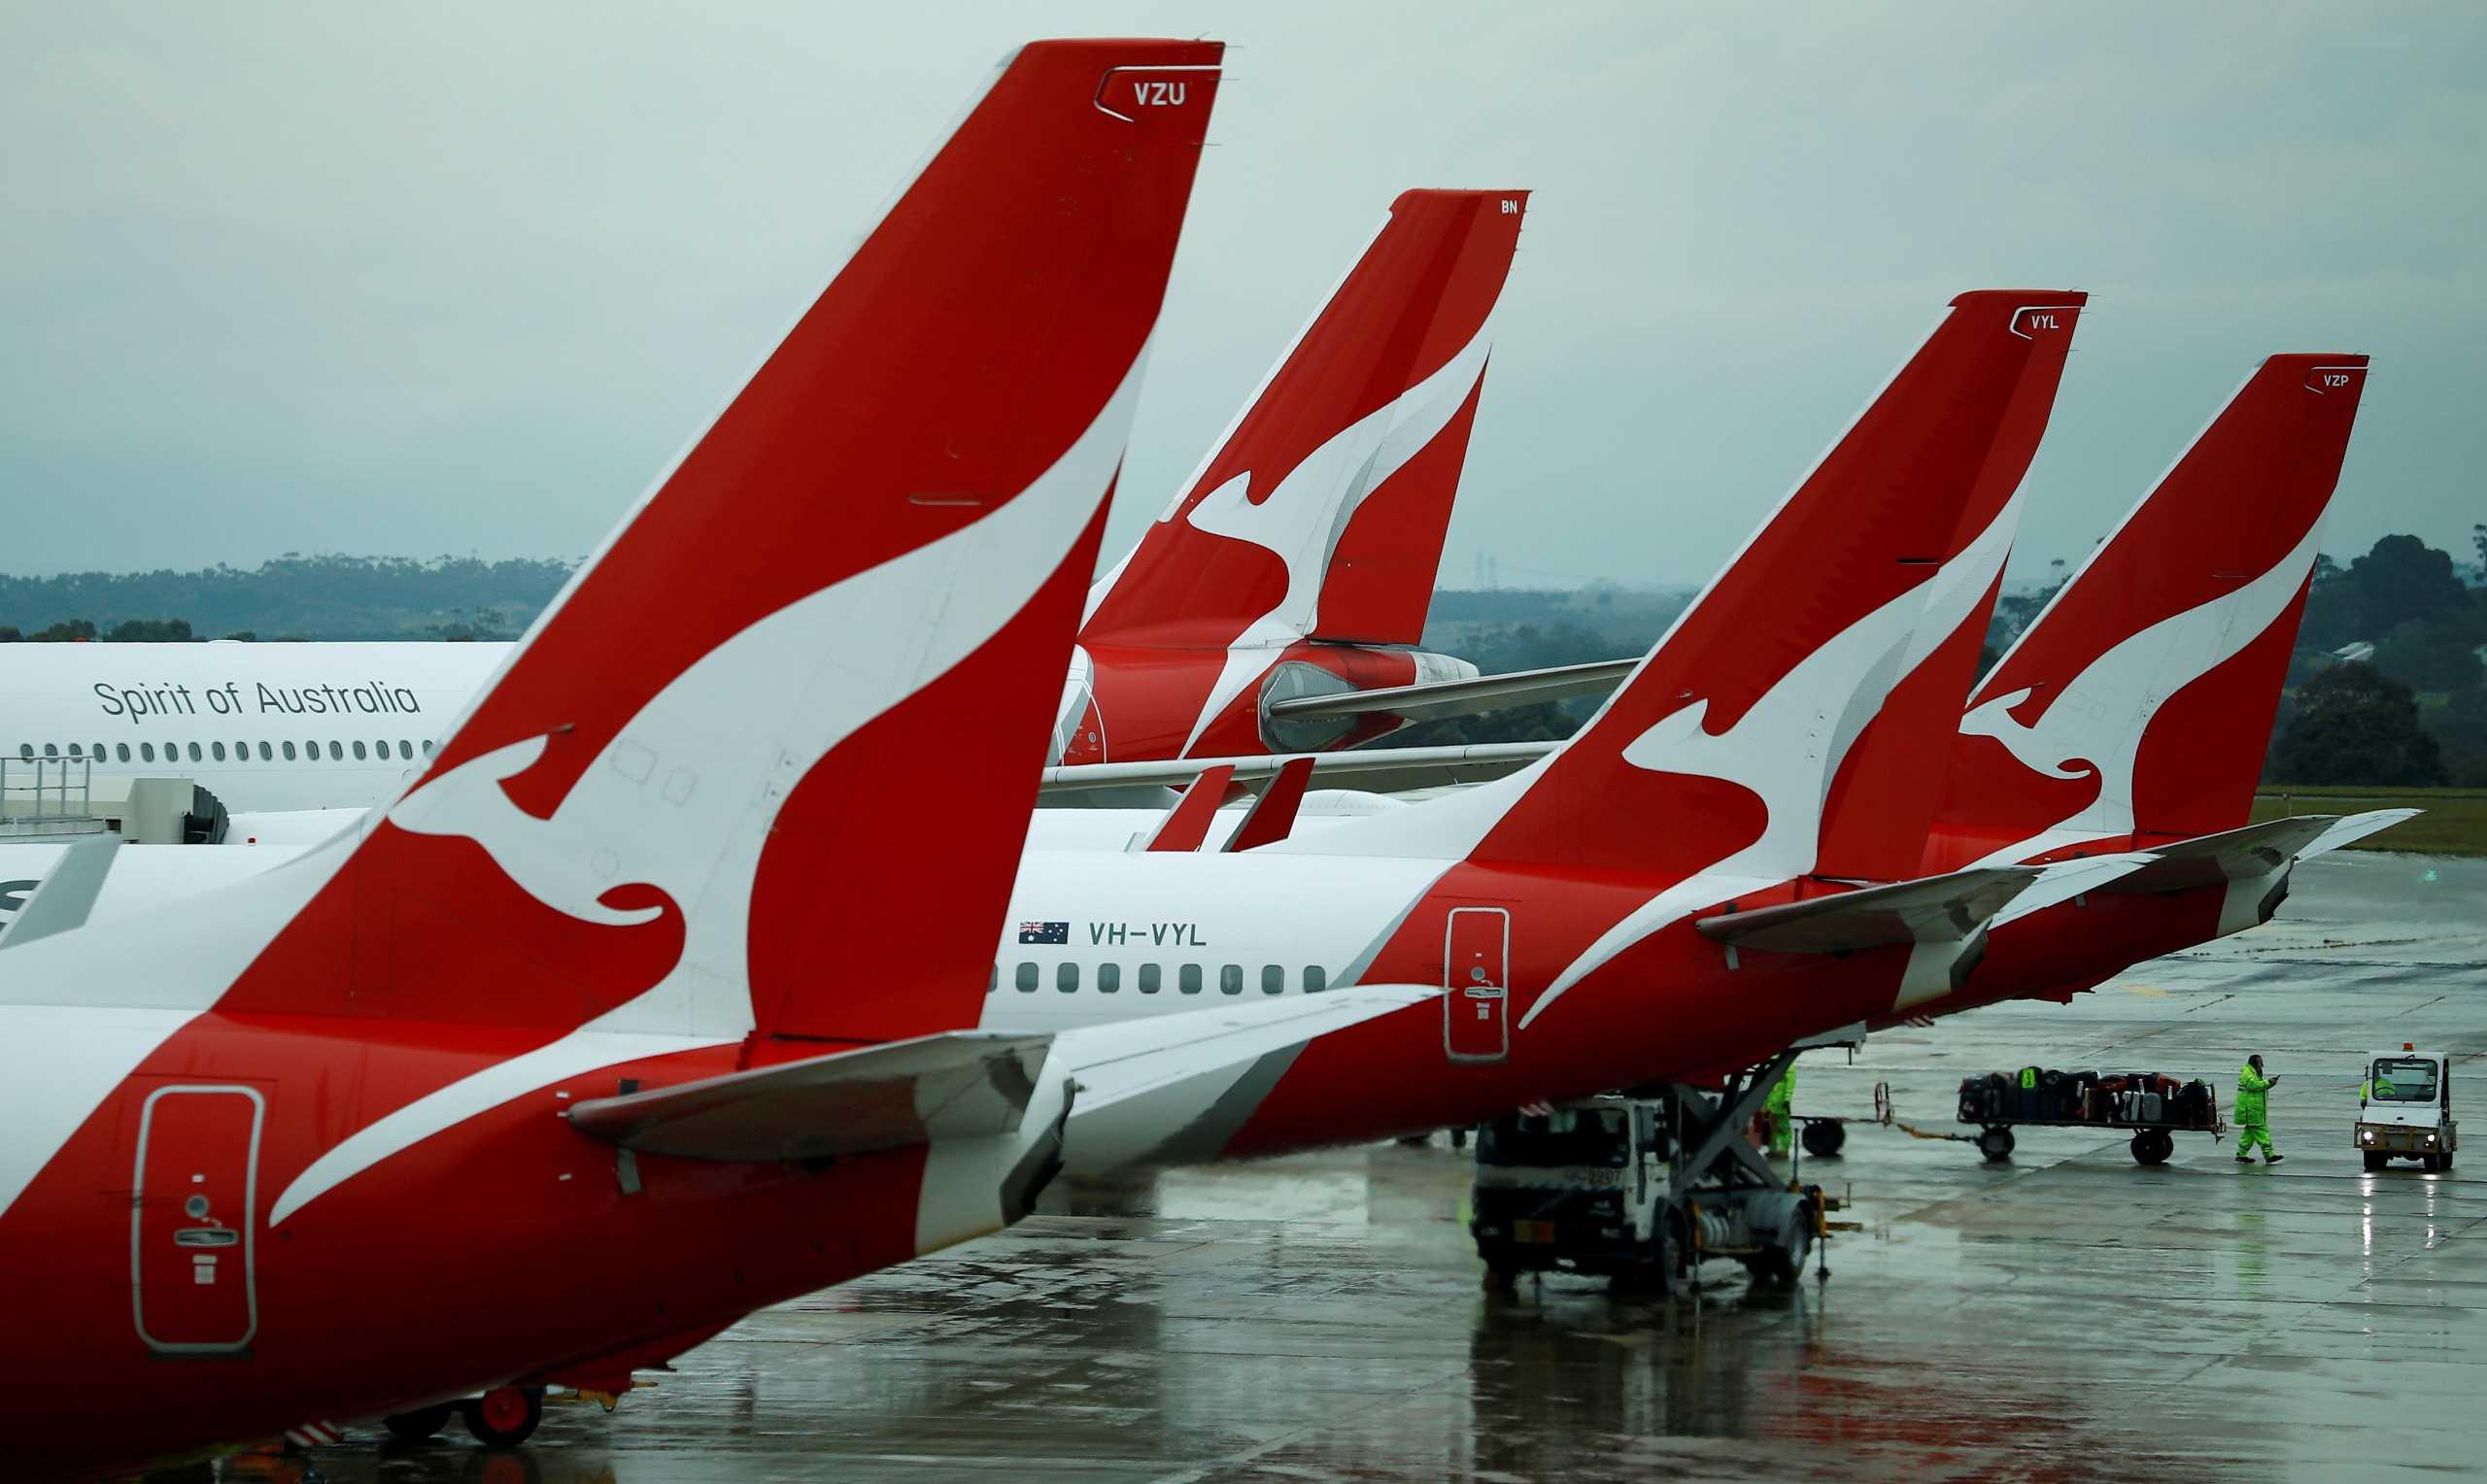 Αυστραλία: Η Qantas κάνει υποχρεωτικό τον εμβολιασμό για τους εργαζόμενους